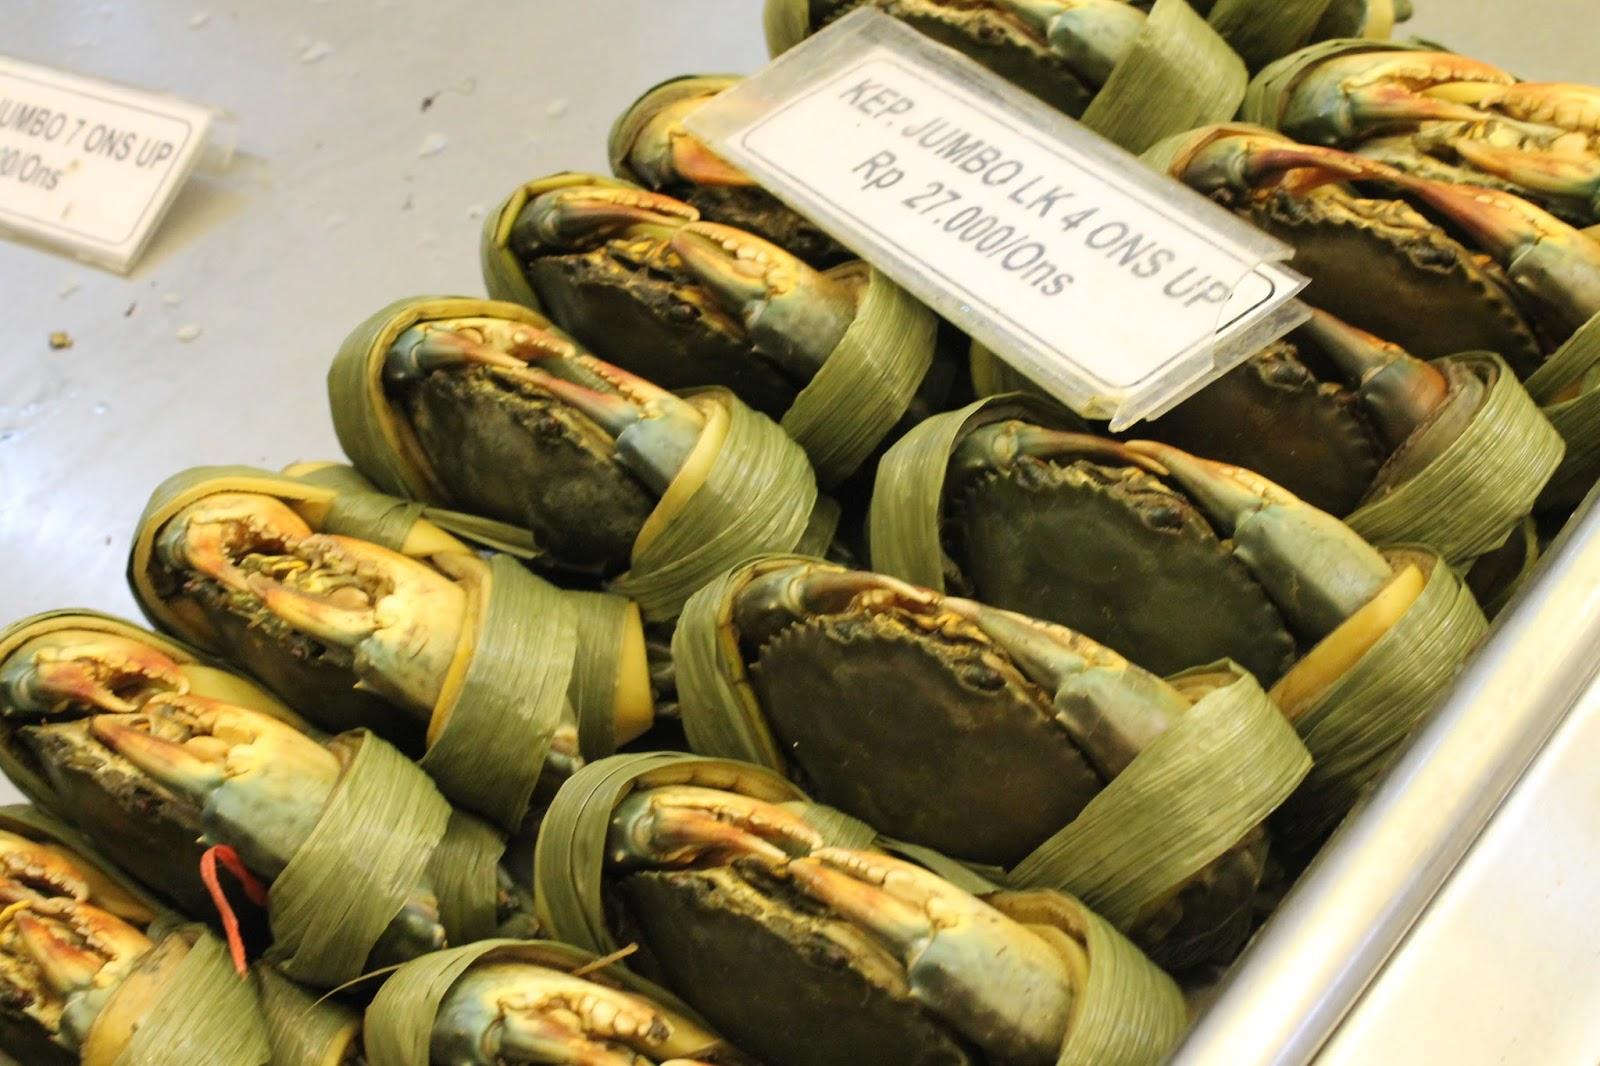 Adeknakemal Jalan2 Makan2 D Kuliner Layar Seafood Ikan Bakar